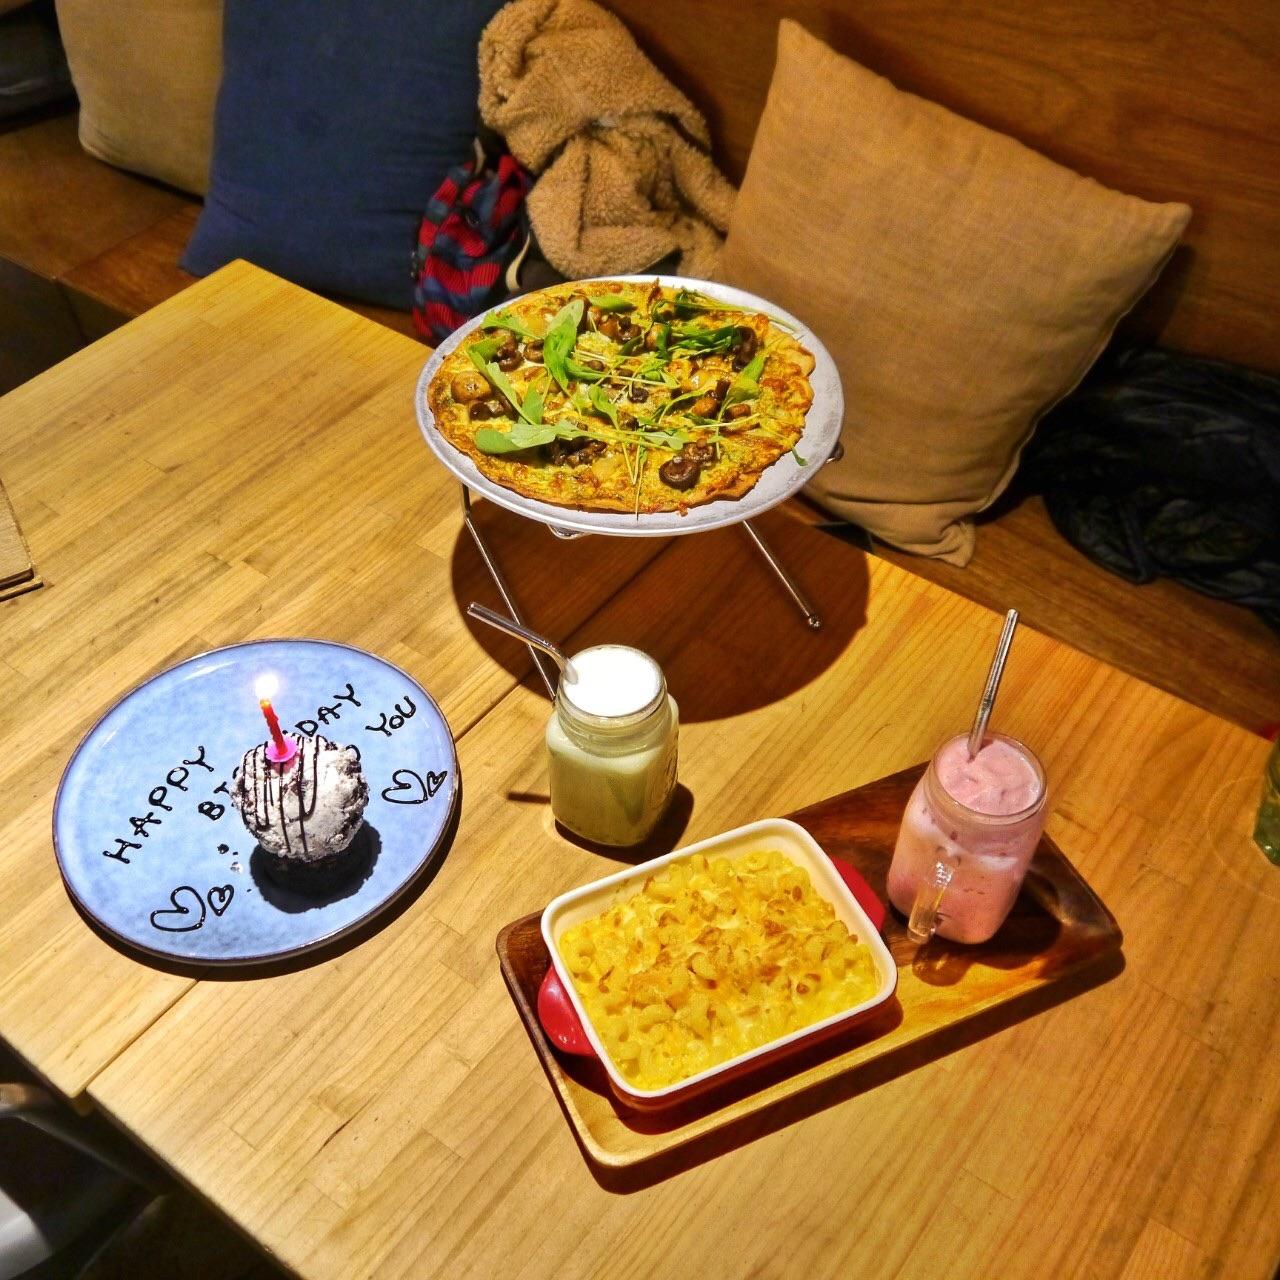 Miacucina My Kitchen 義式蔬食料理 信義店